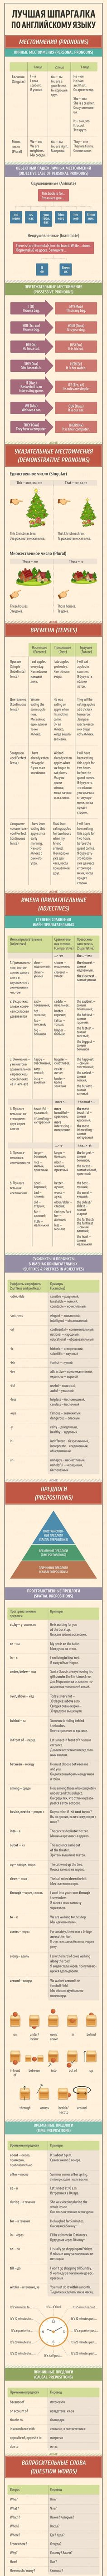 Полезная шпаргалка по английскому языку. Инфографик 1. иностранные языки, Английский язык, обучение, памятка, полезное, инфографика, длиннопост